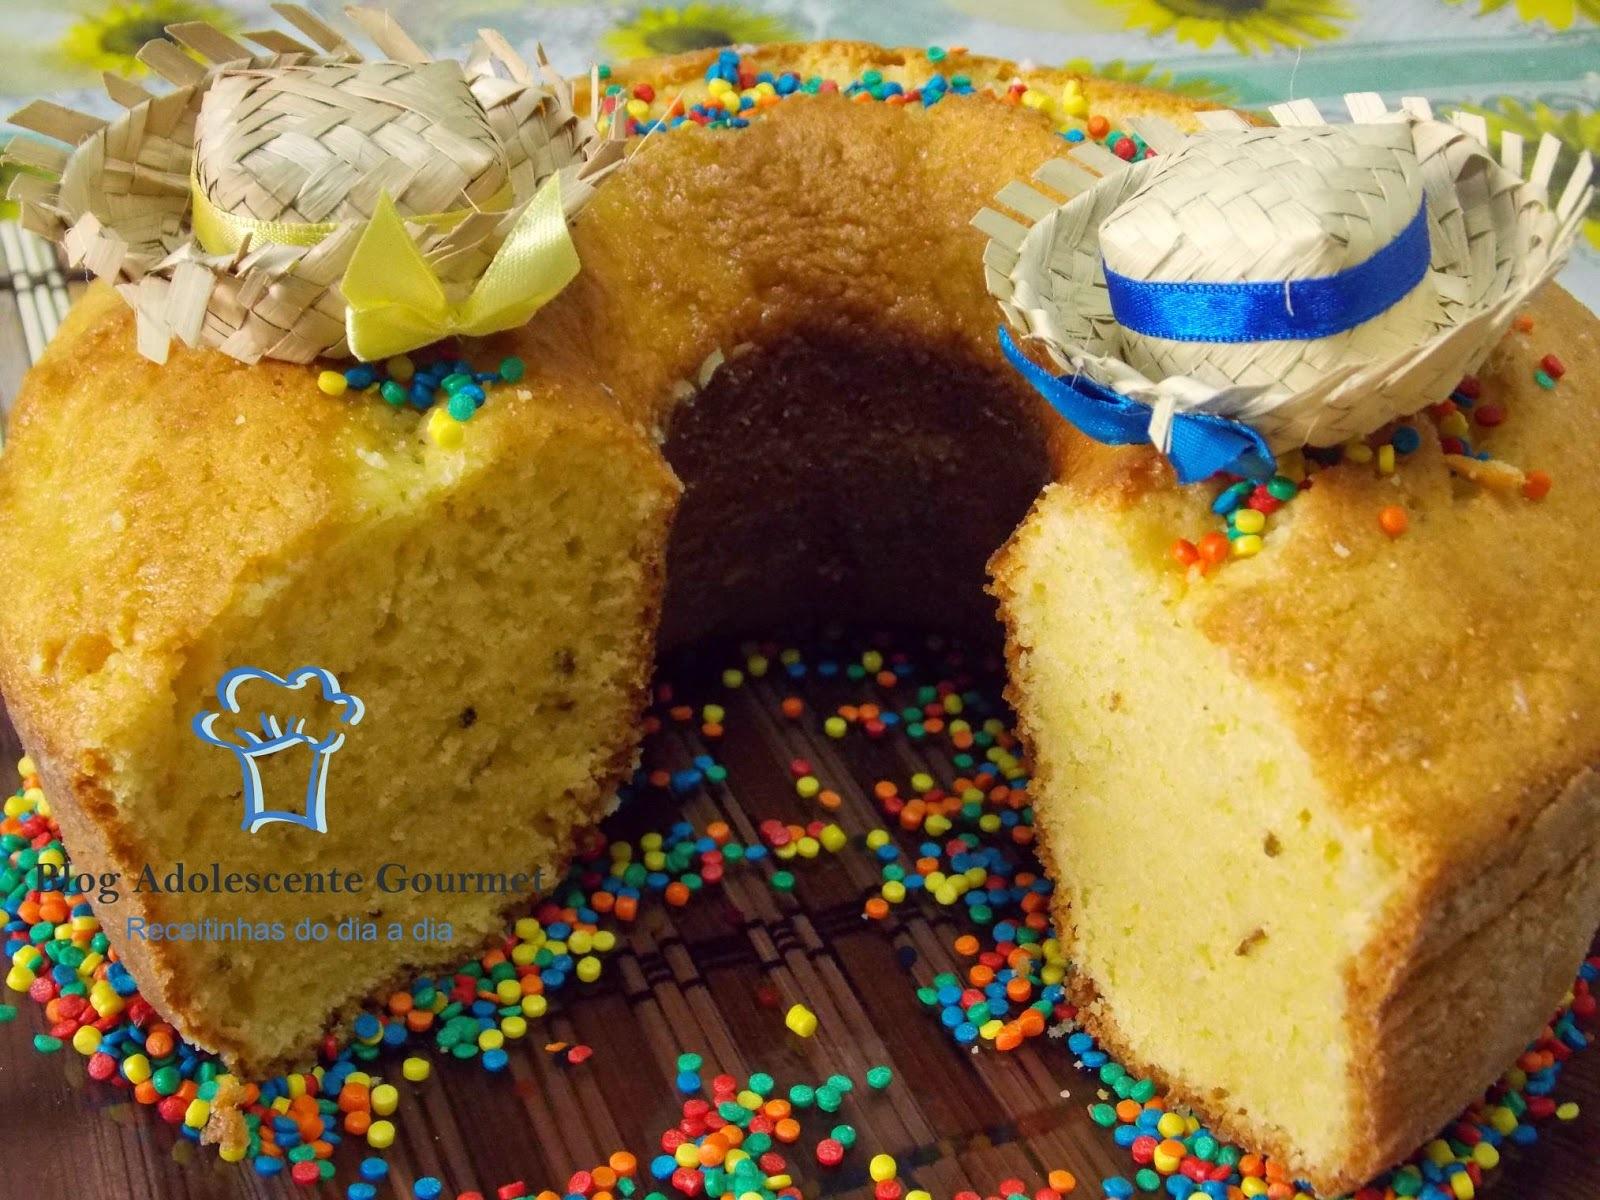 bolo de fuba feito a mão